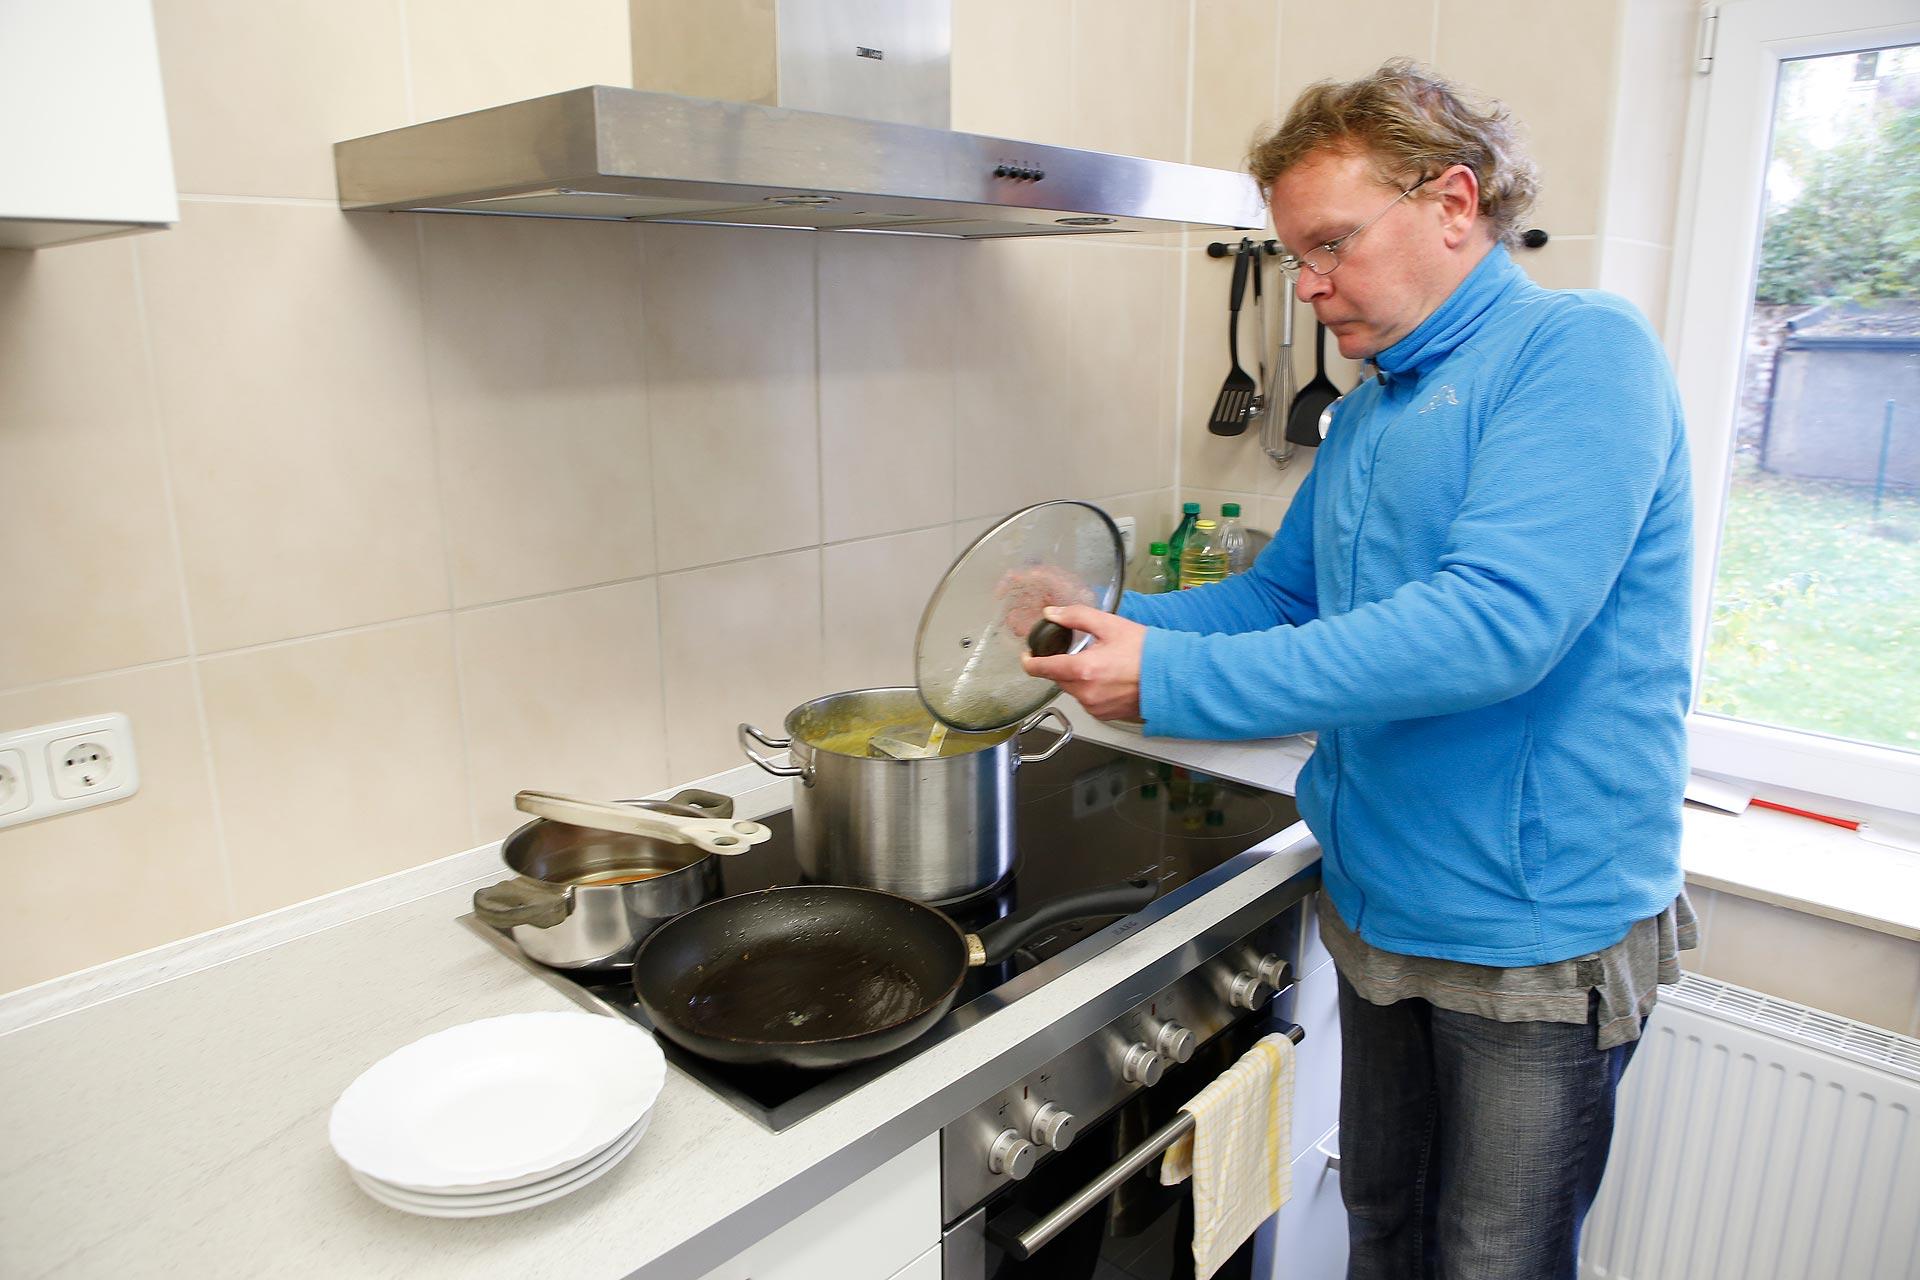 """Jeden Mittwoch besucht Daniel Volkmann das """"Blaue Café"""" in Leipzig, eine Begenungsstätte für Drogenabhängige. Dort kocht er auch für die anderen Gäste."""